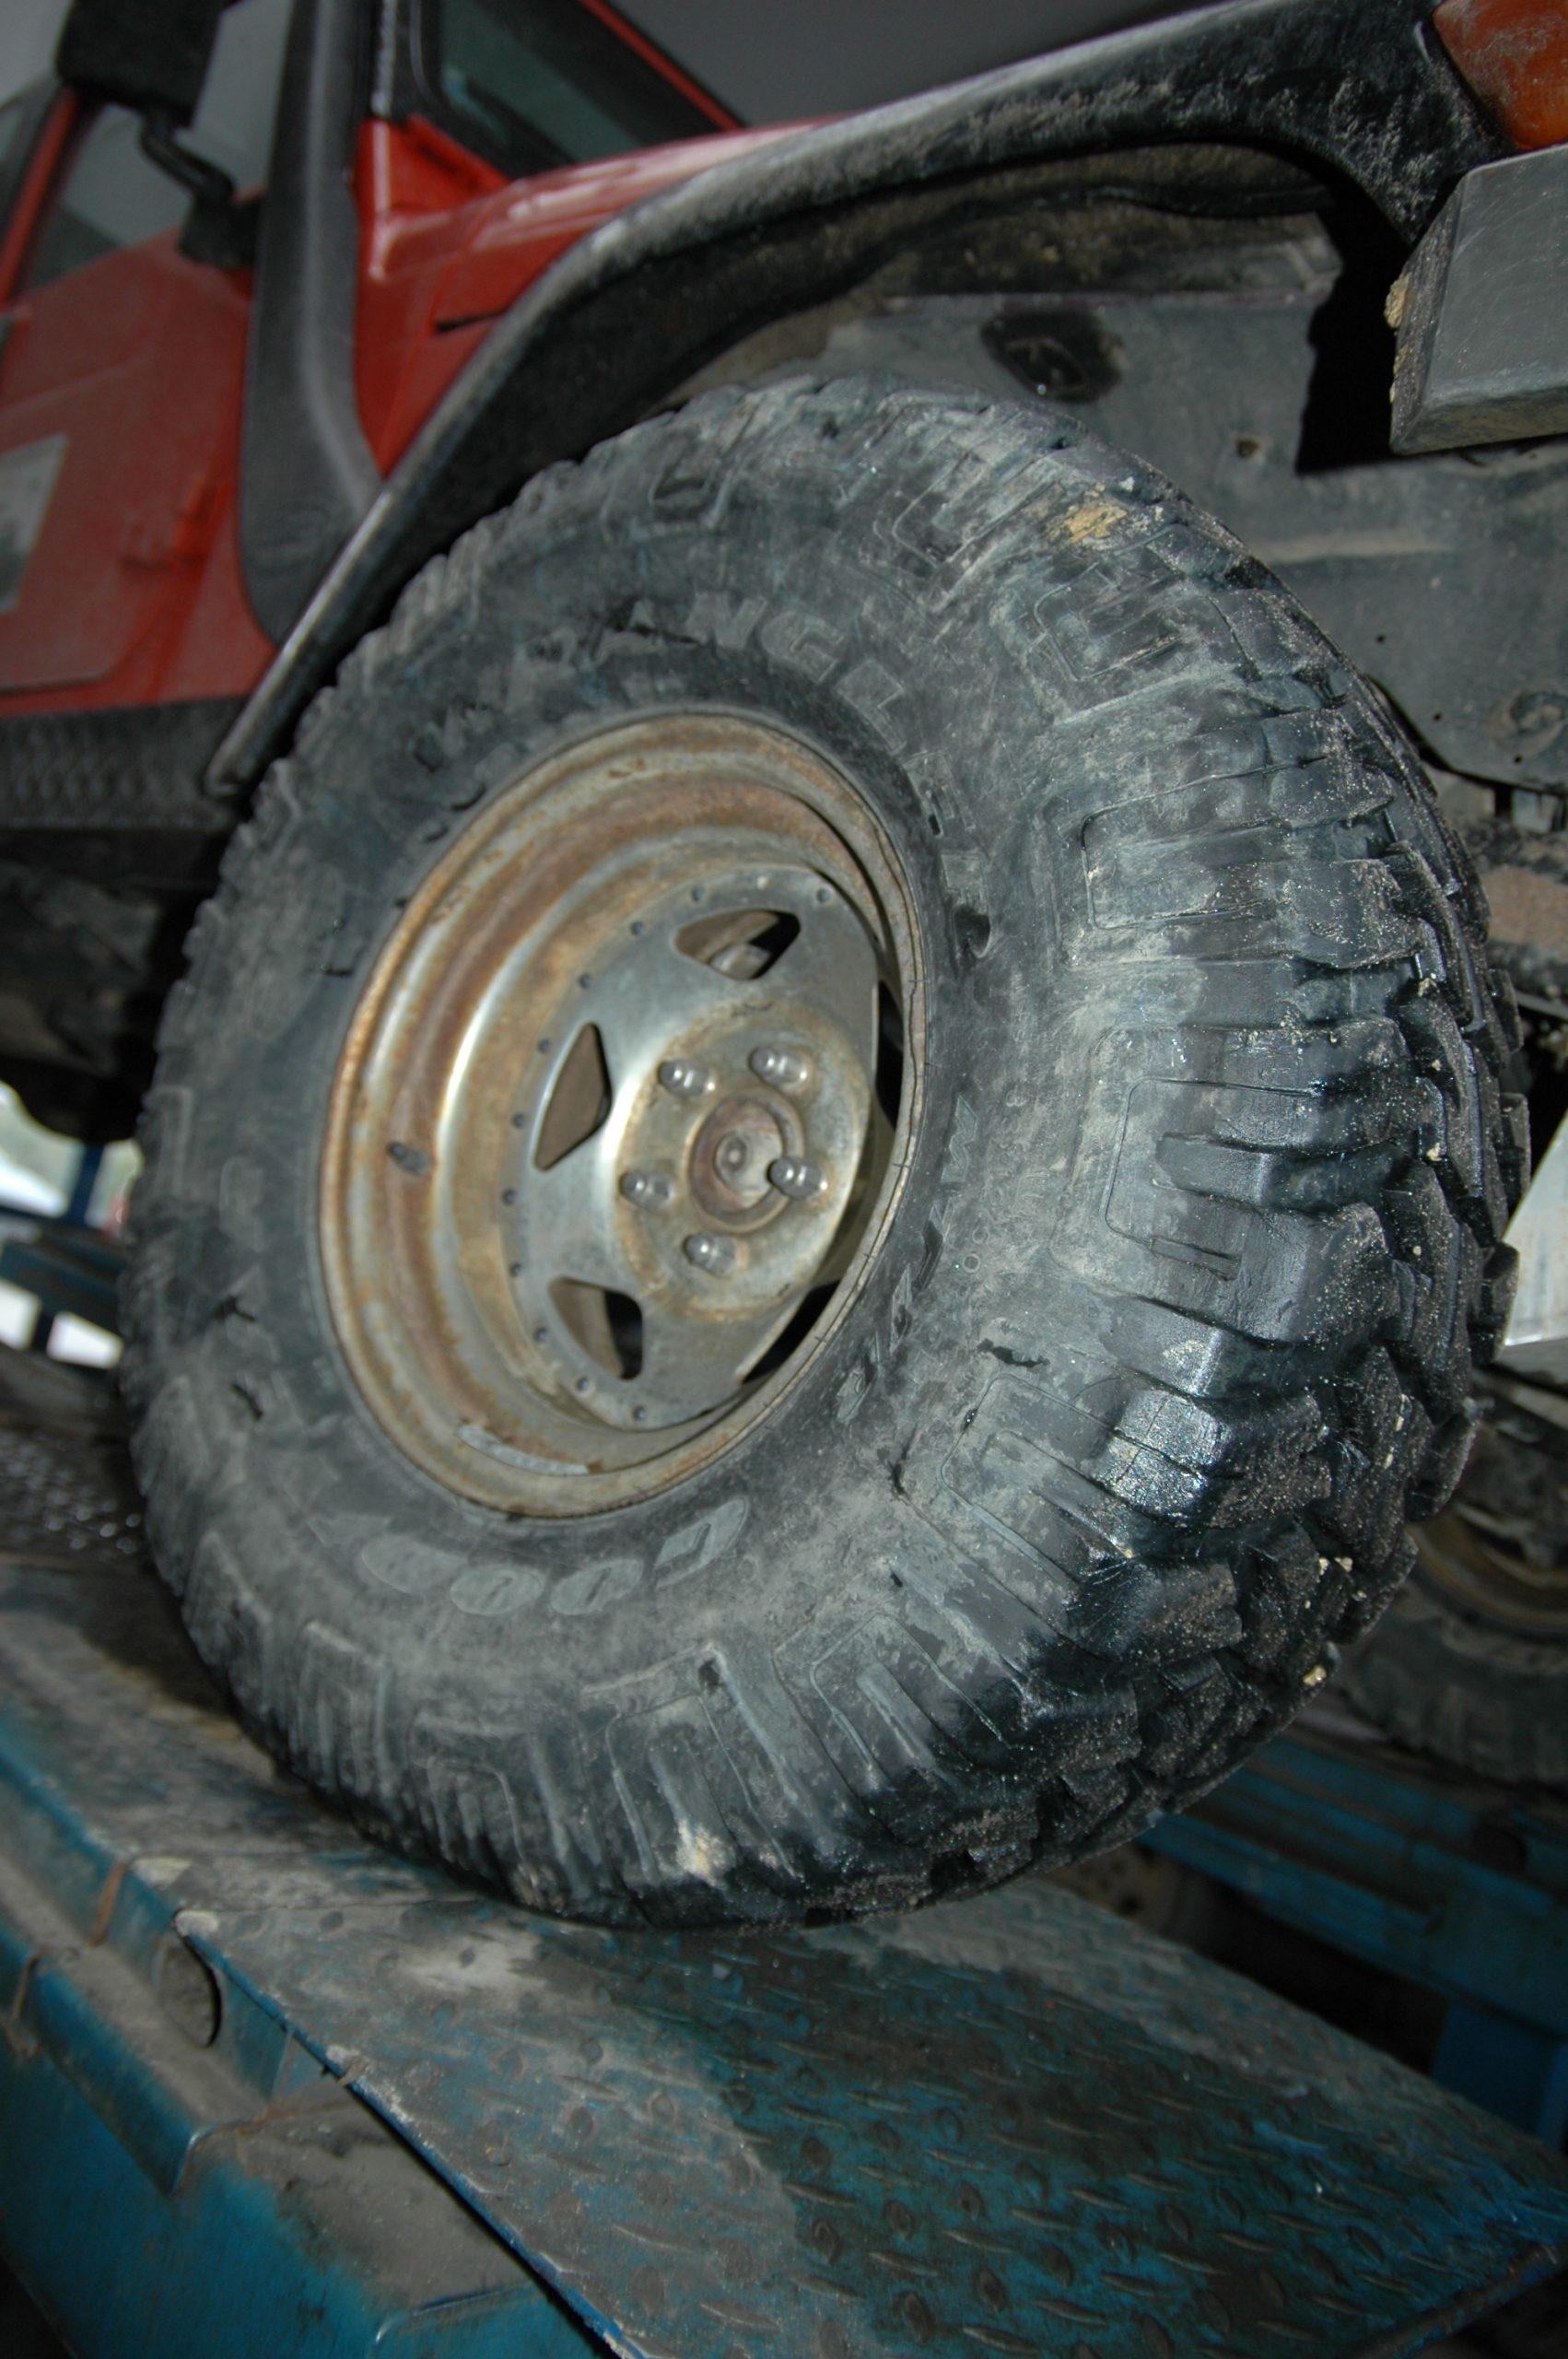 Jeep Wrangler TJ wyposażony był zawsze w opony 33x12,5R15 BF Goodricha a następnie Goodyeara.